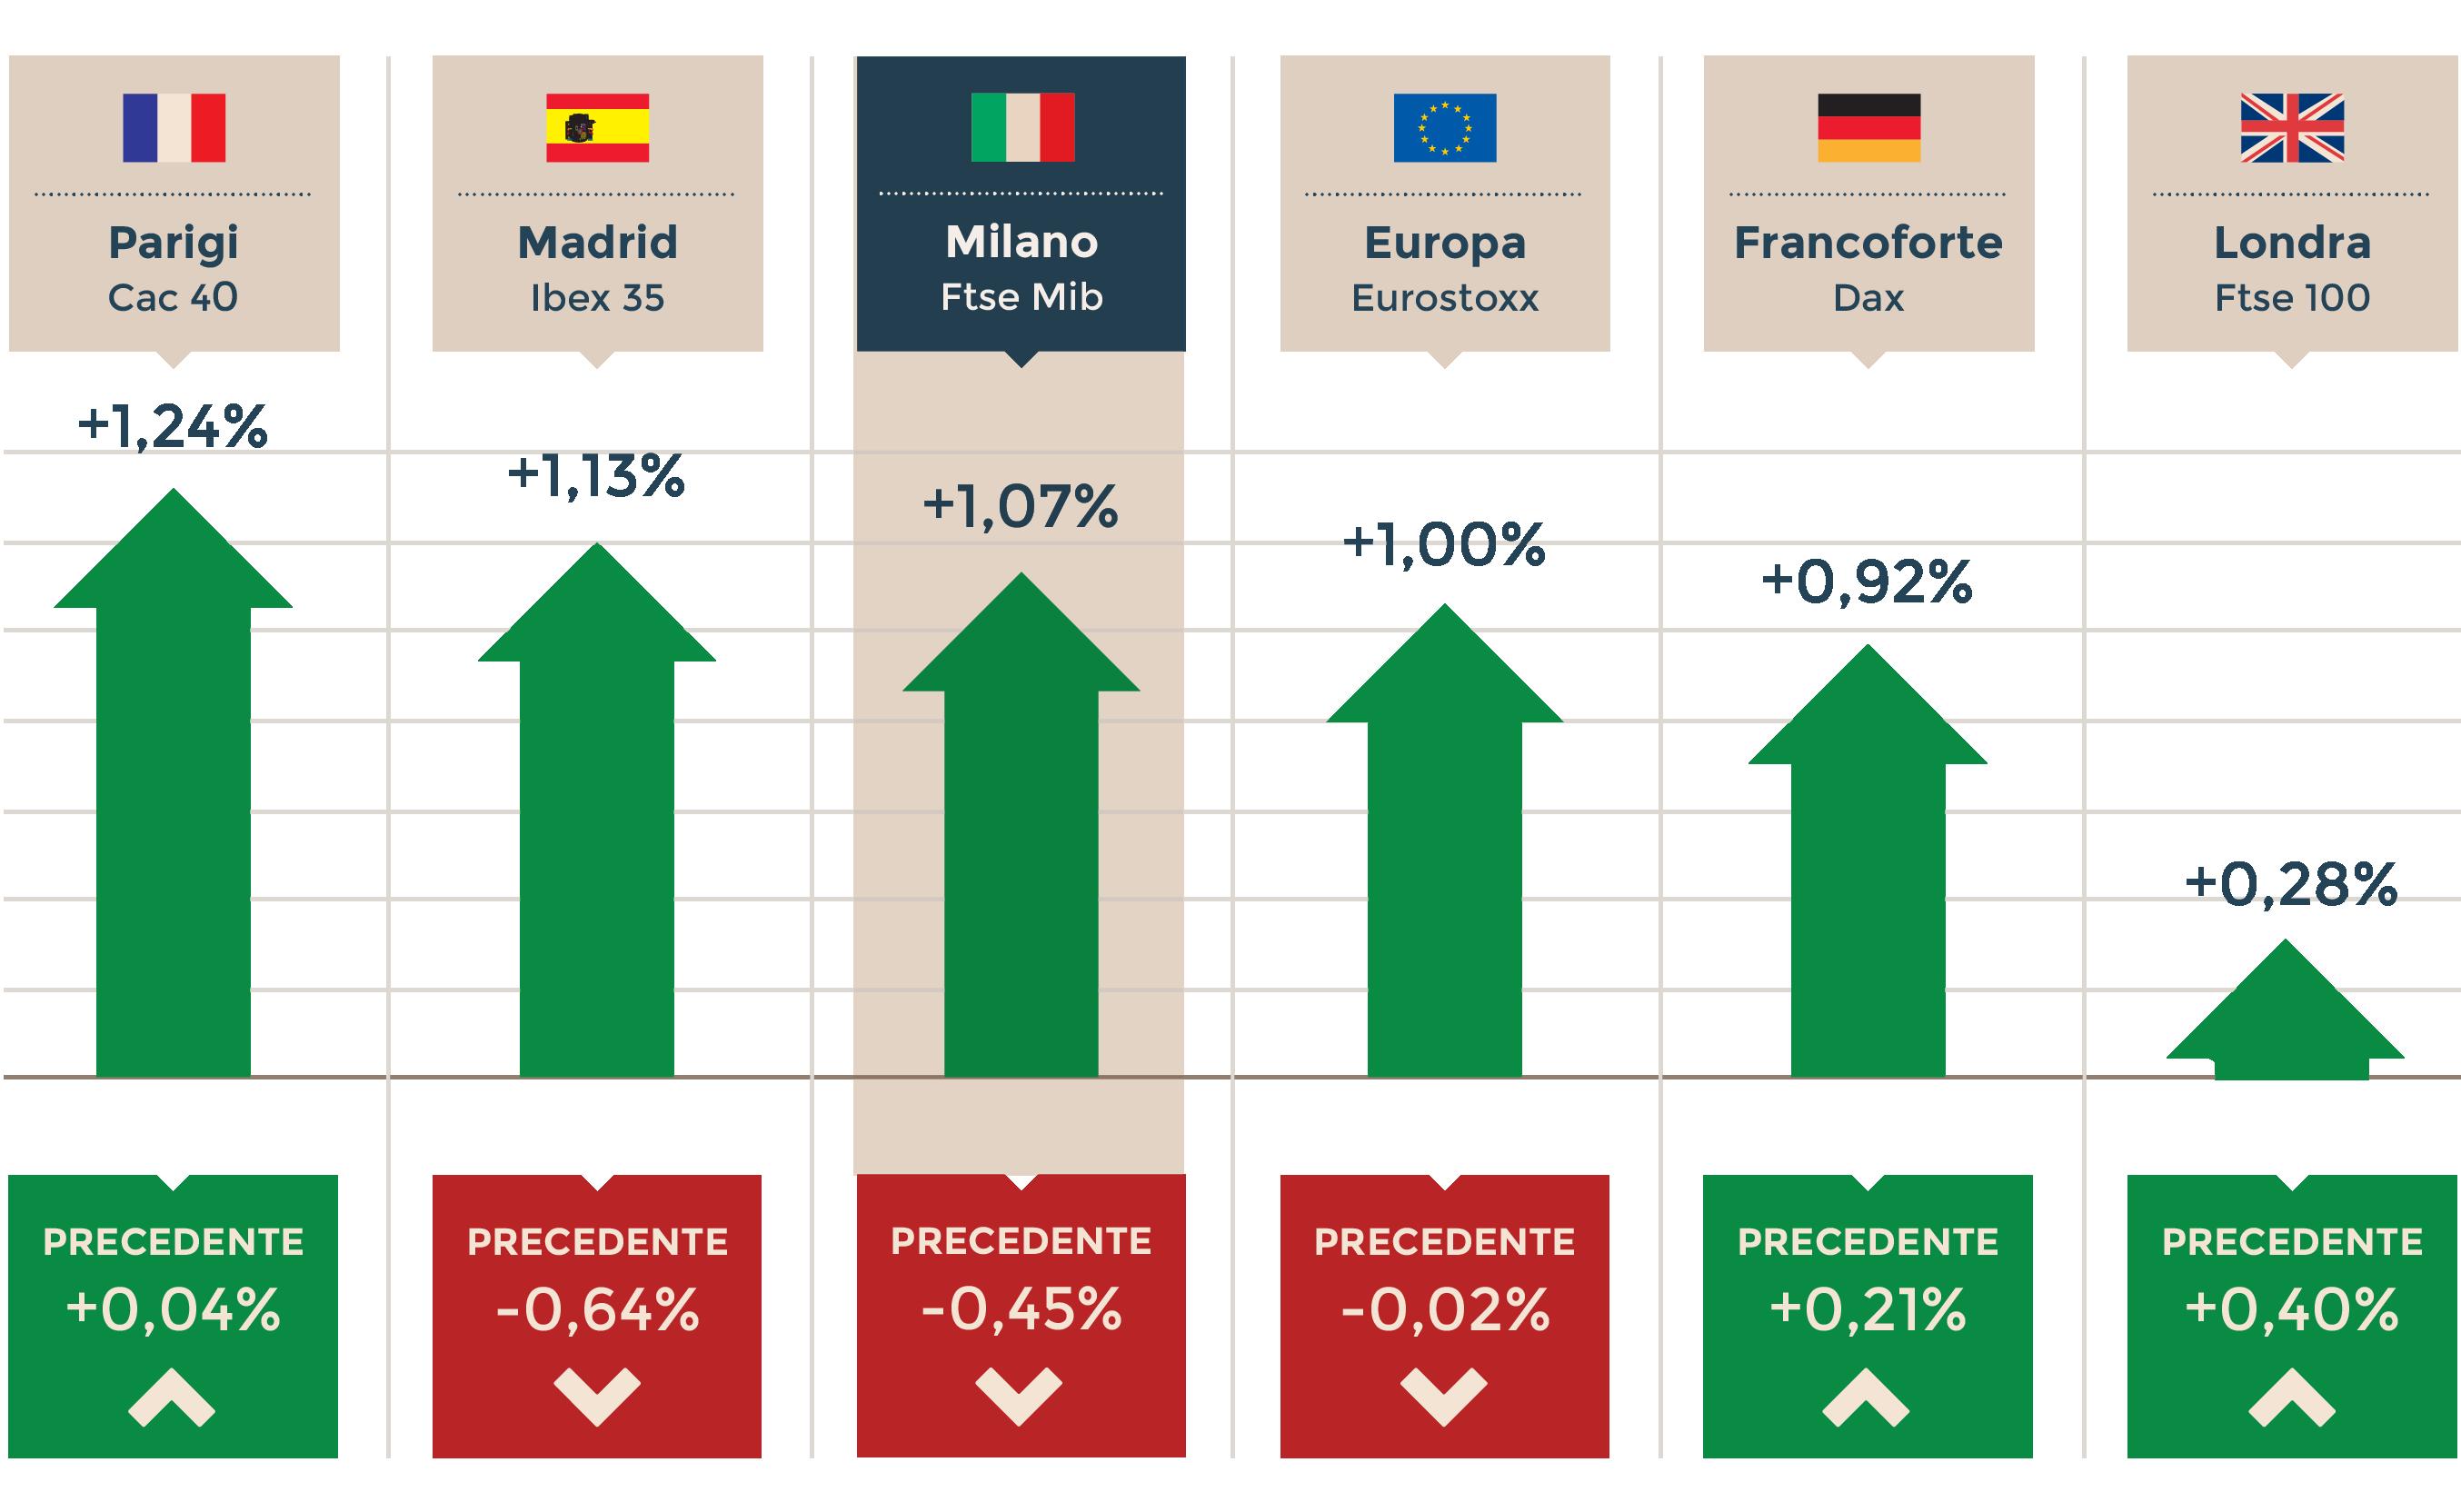 3f41db2d46 LA CHIUSURA DEI MERCATI IN EUROPA Ore 18.18. Performance di giornata e  precedente (Fonte: Thomson Reuters)